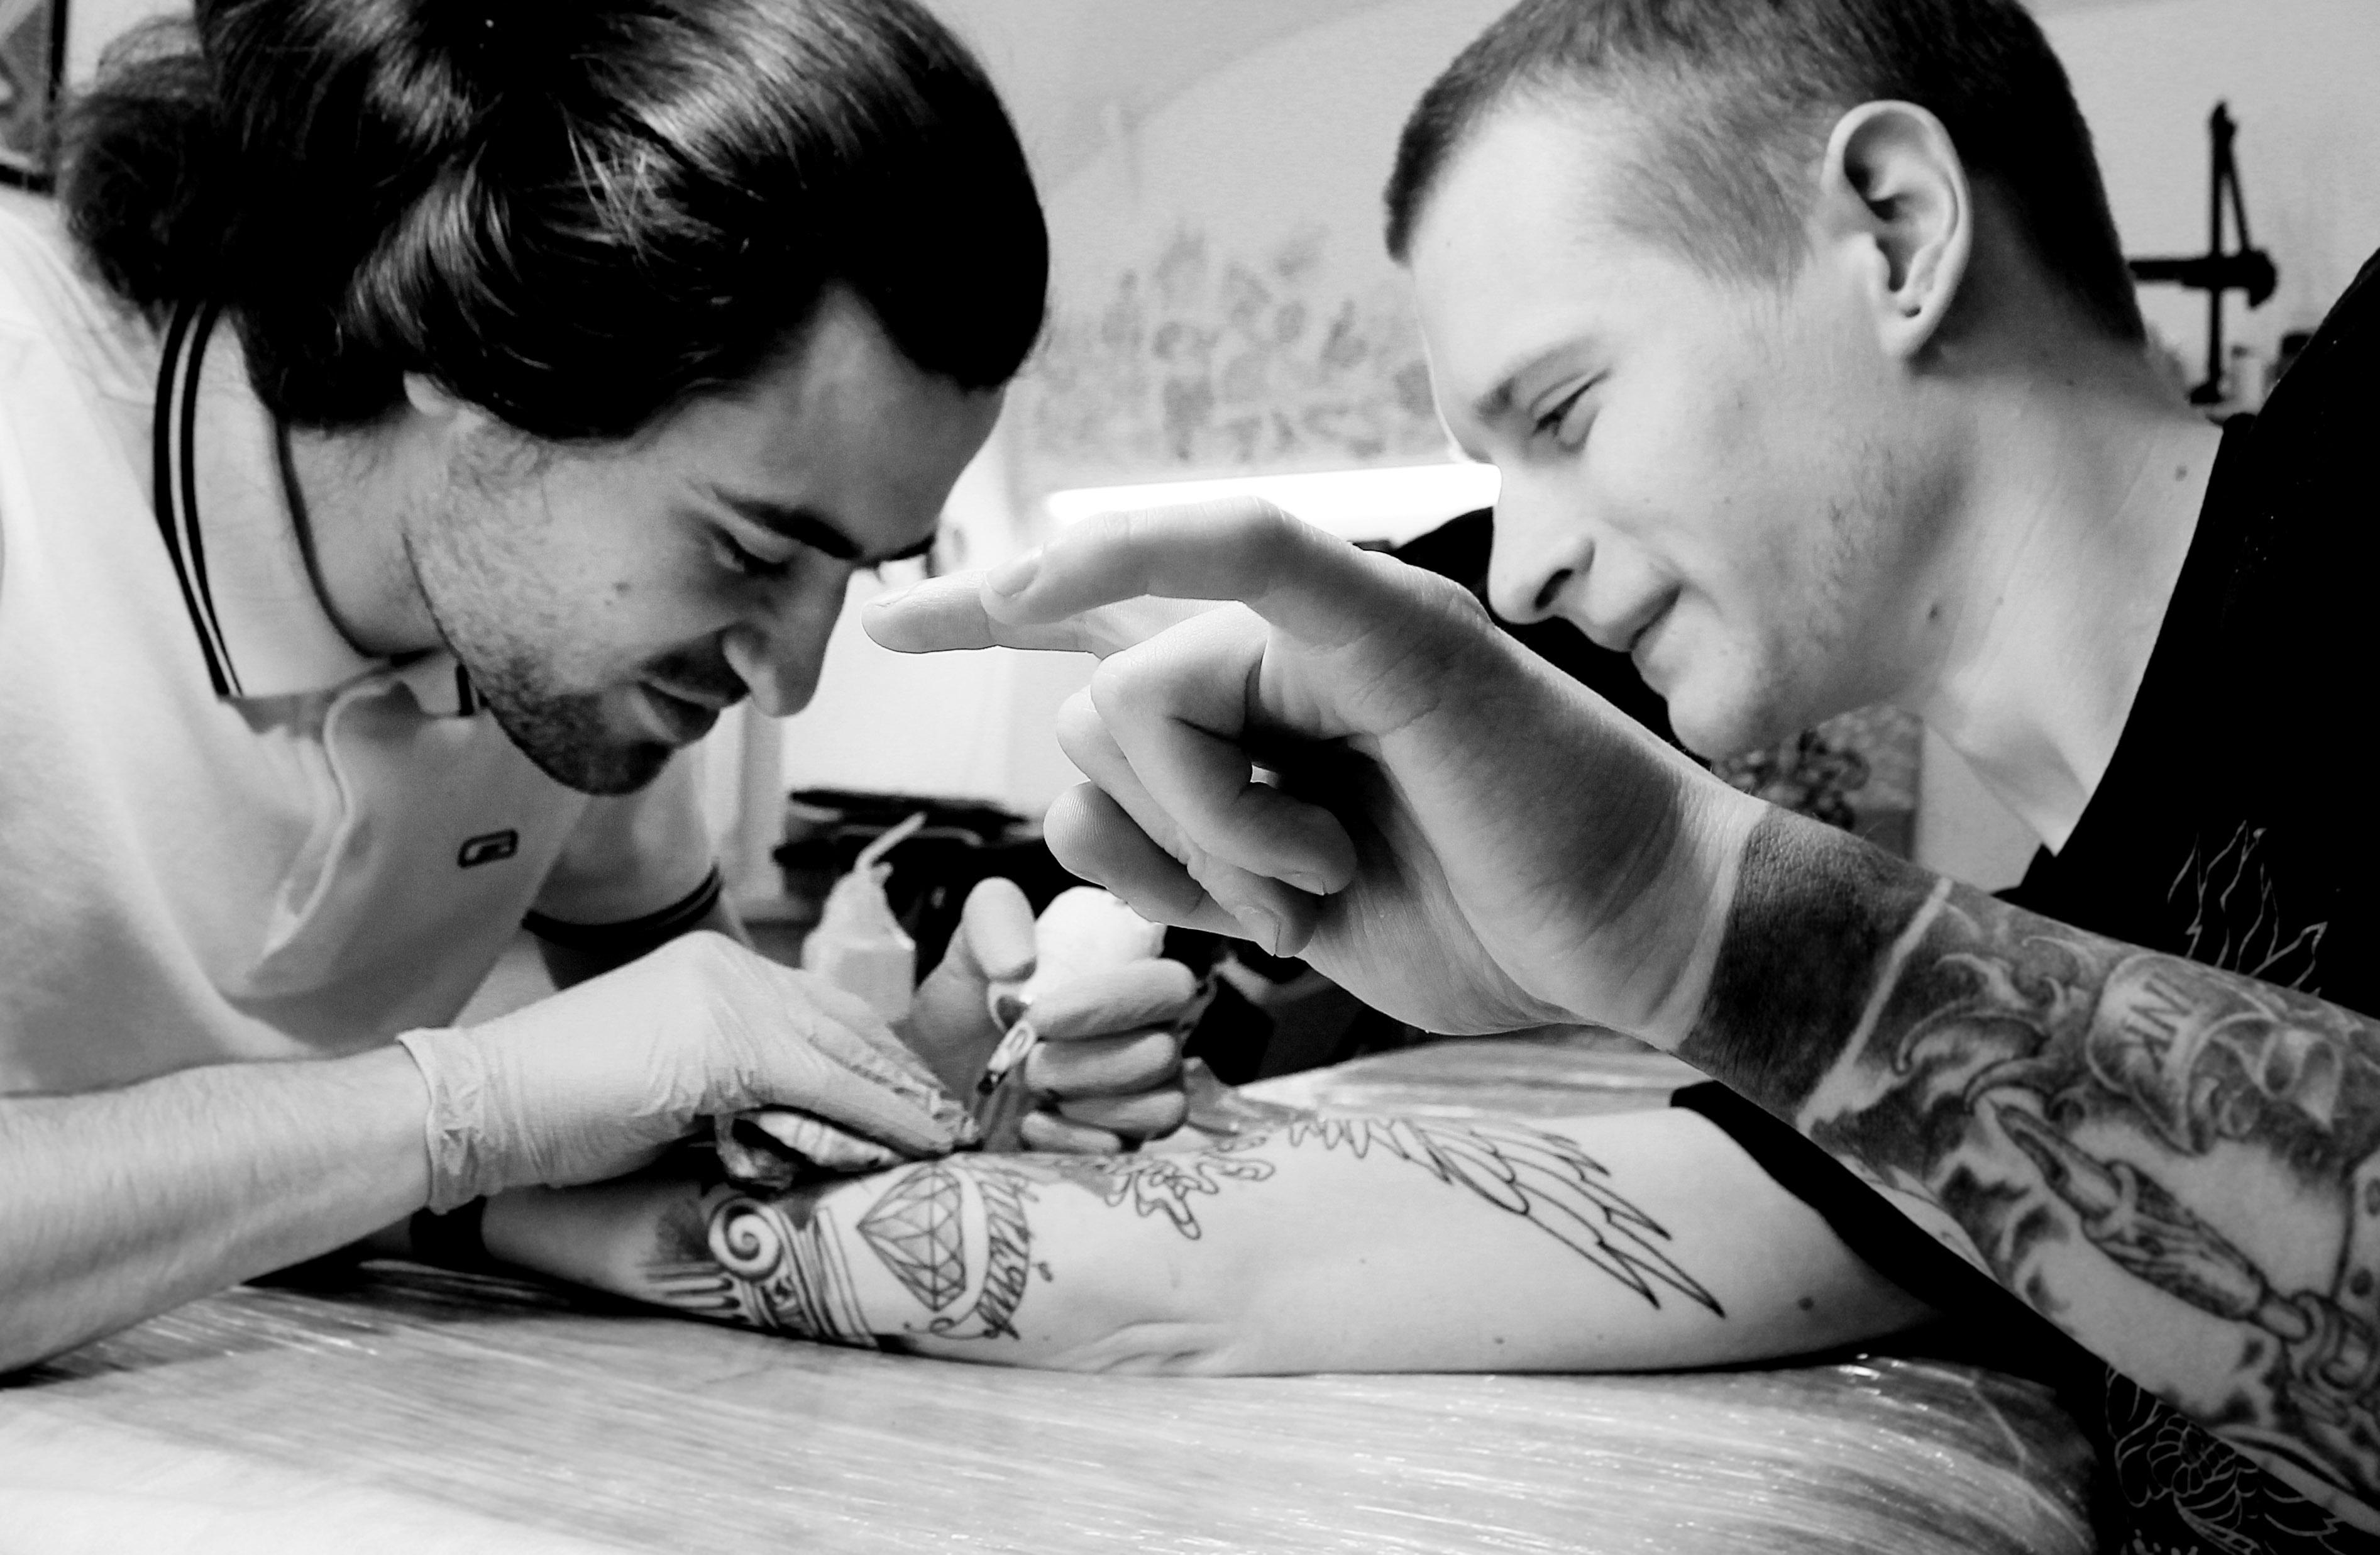 Мастер Саша Новик трудится над новой татуировкой мастера Валеры Моргунова.